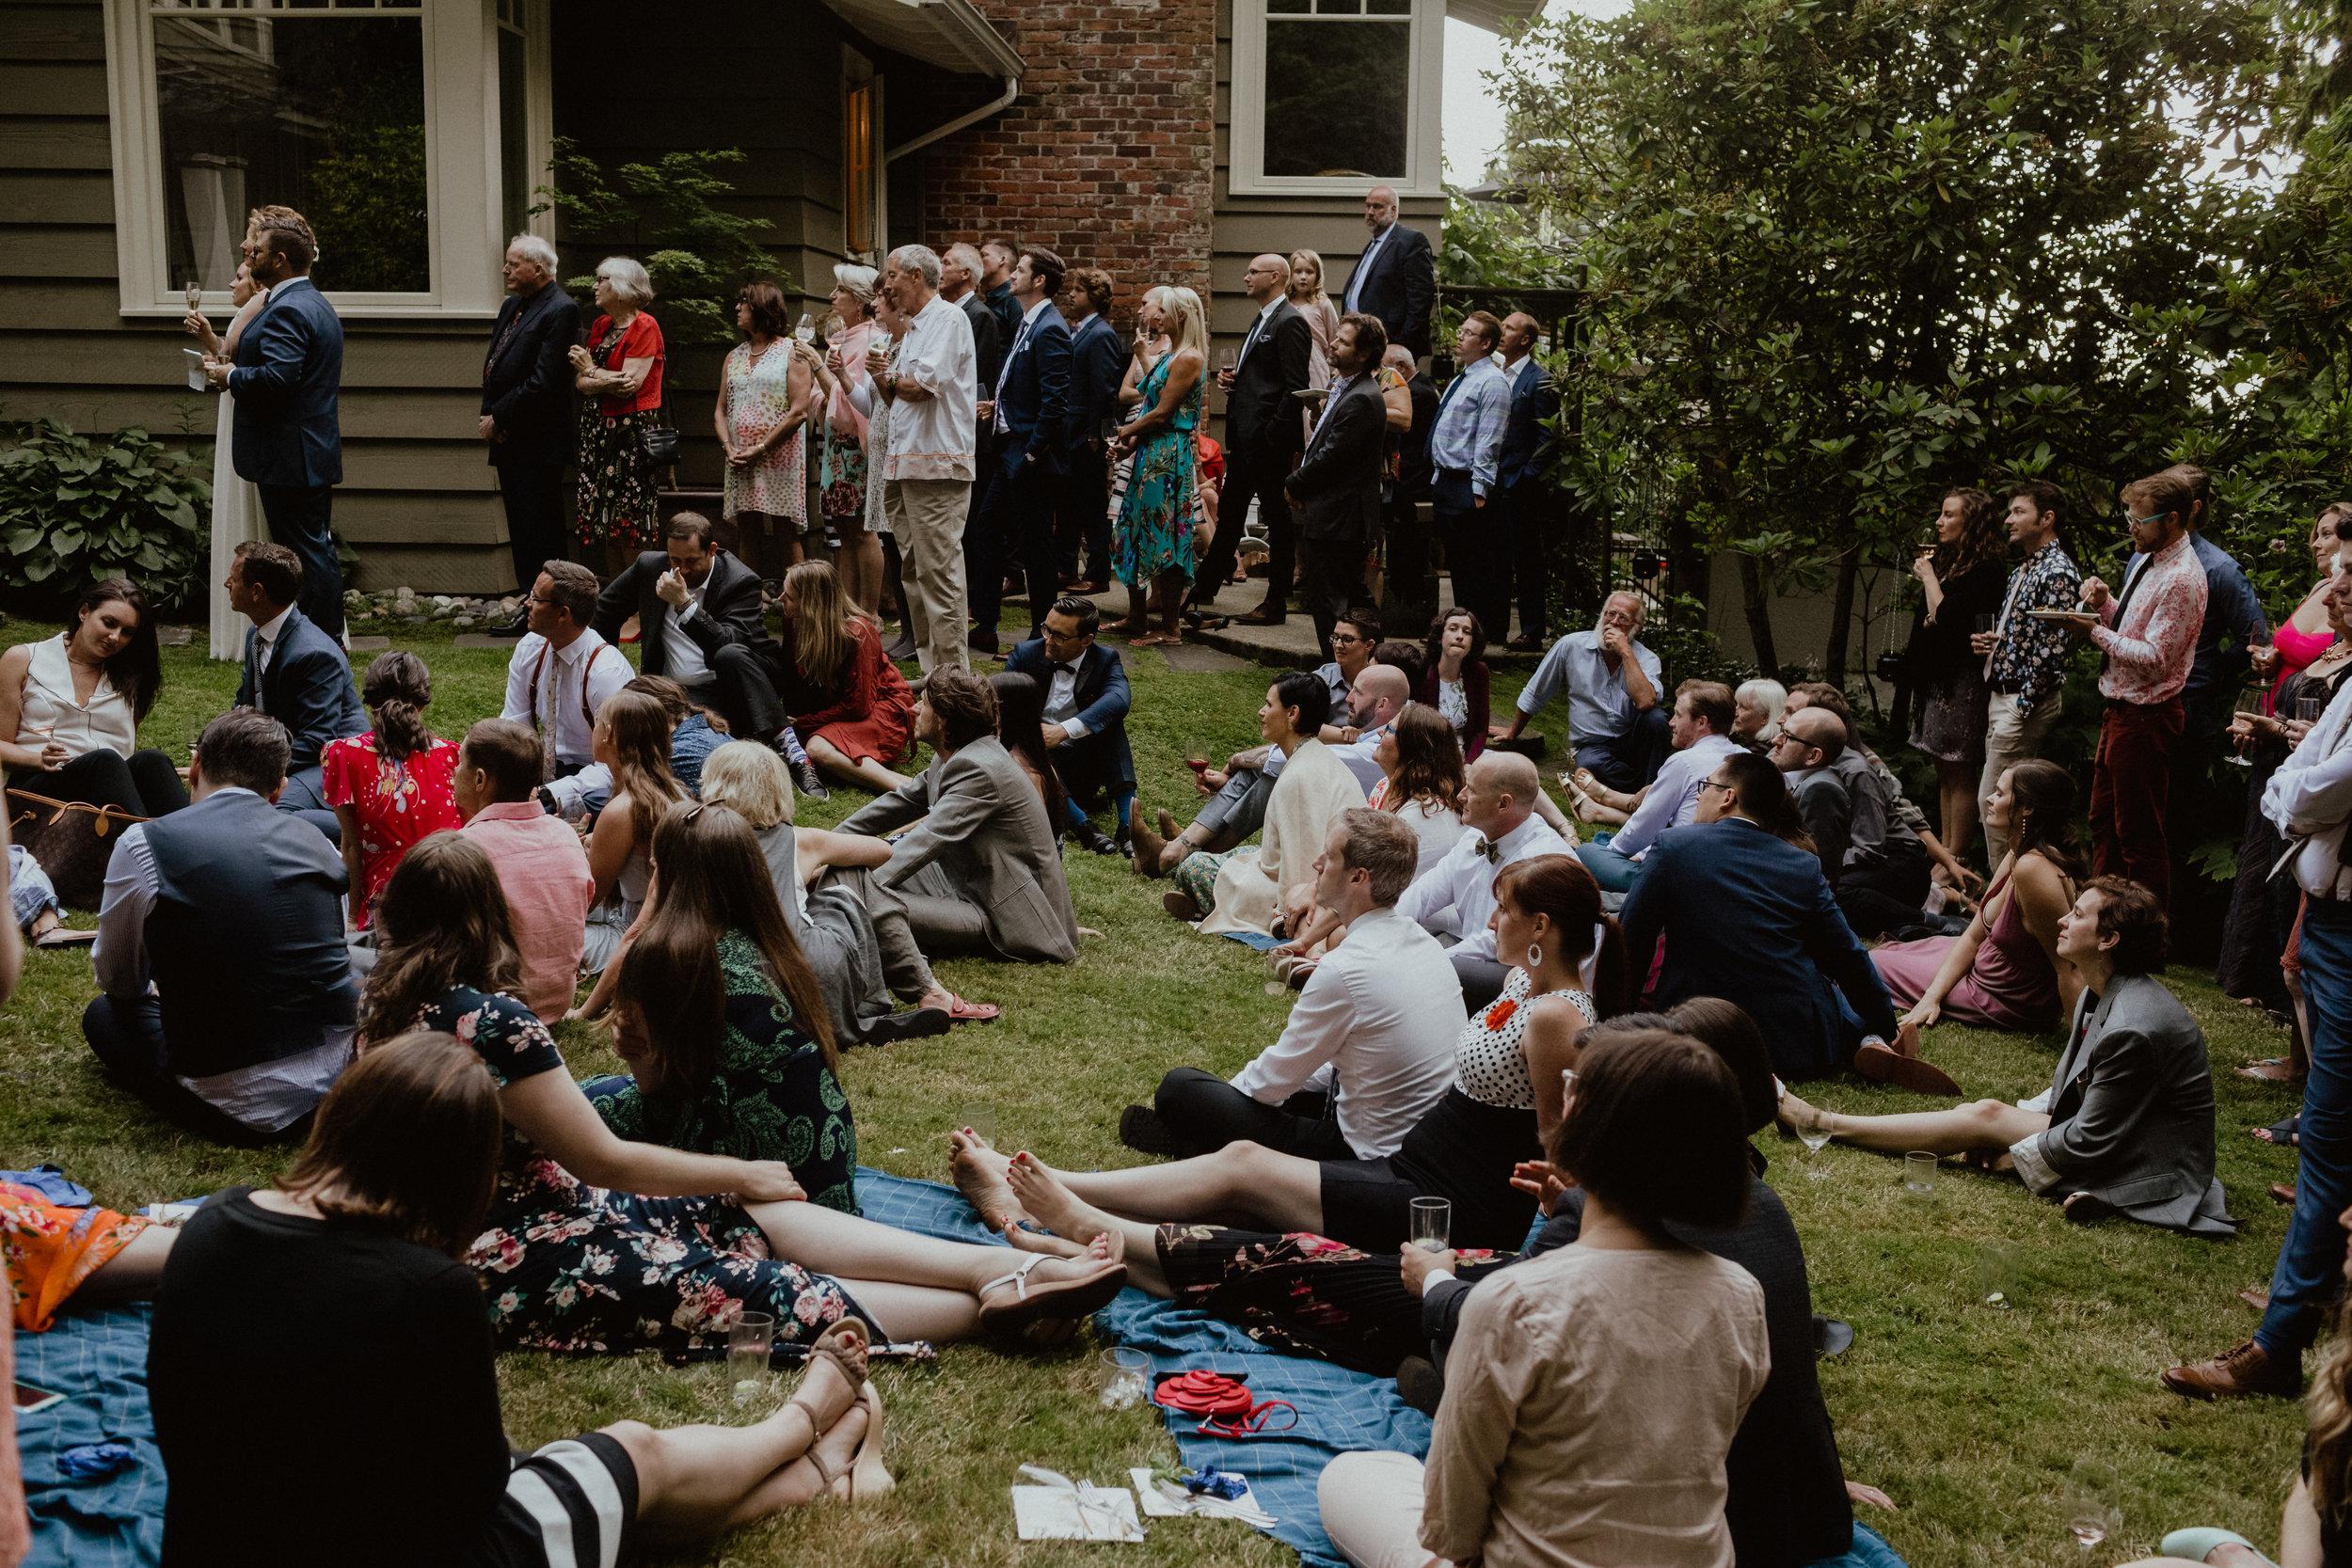 west-vancouver-backyard-wedding-257.jpg